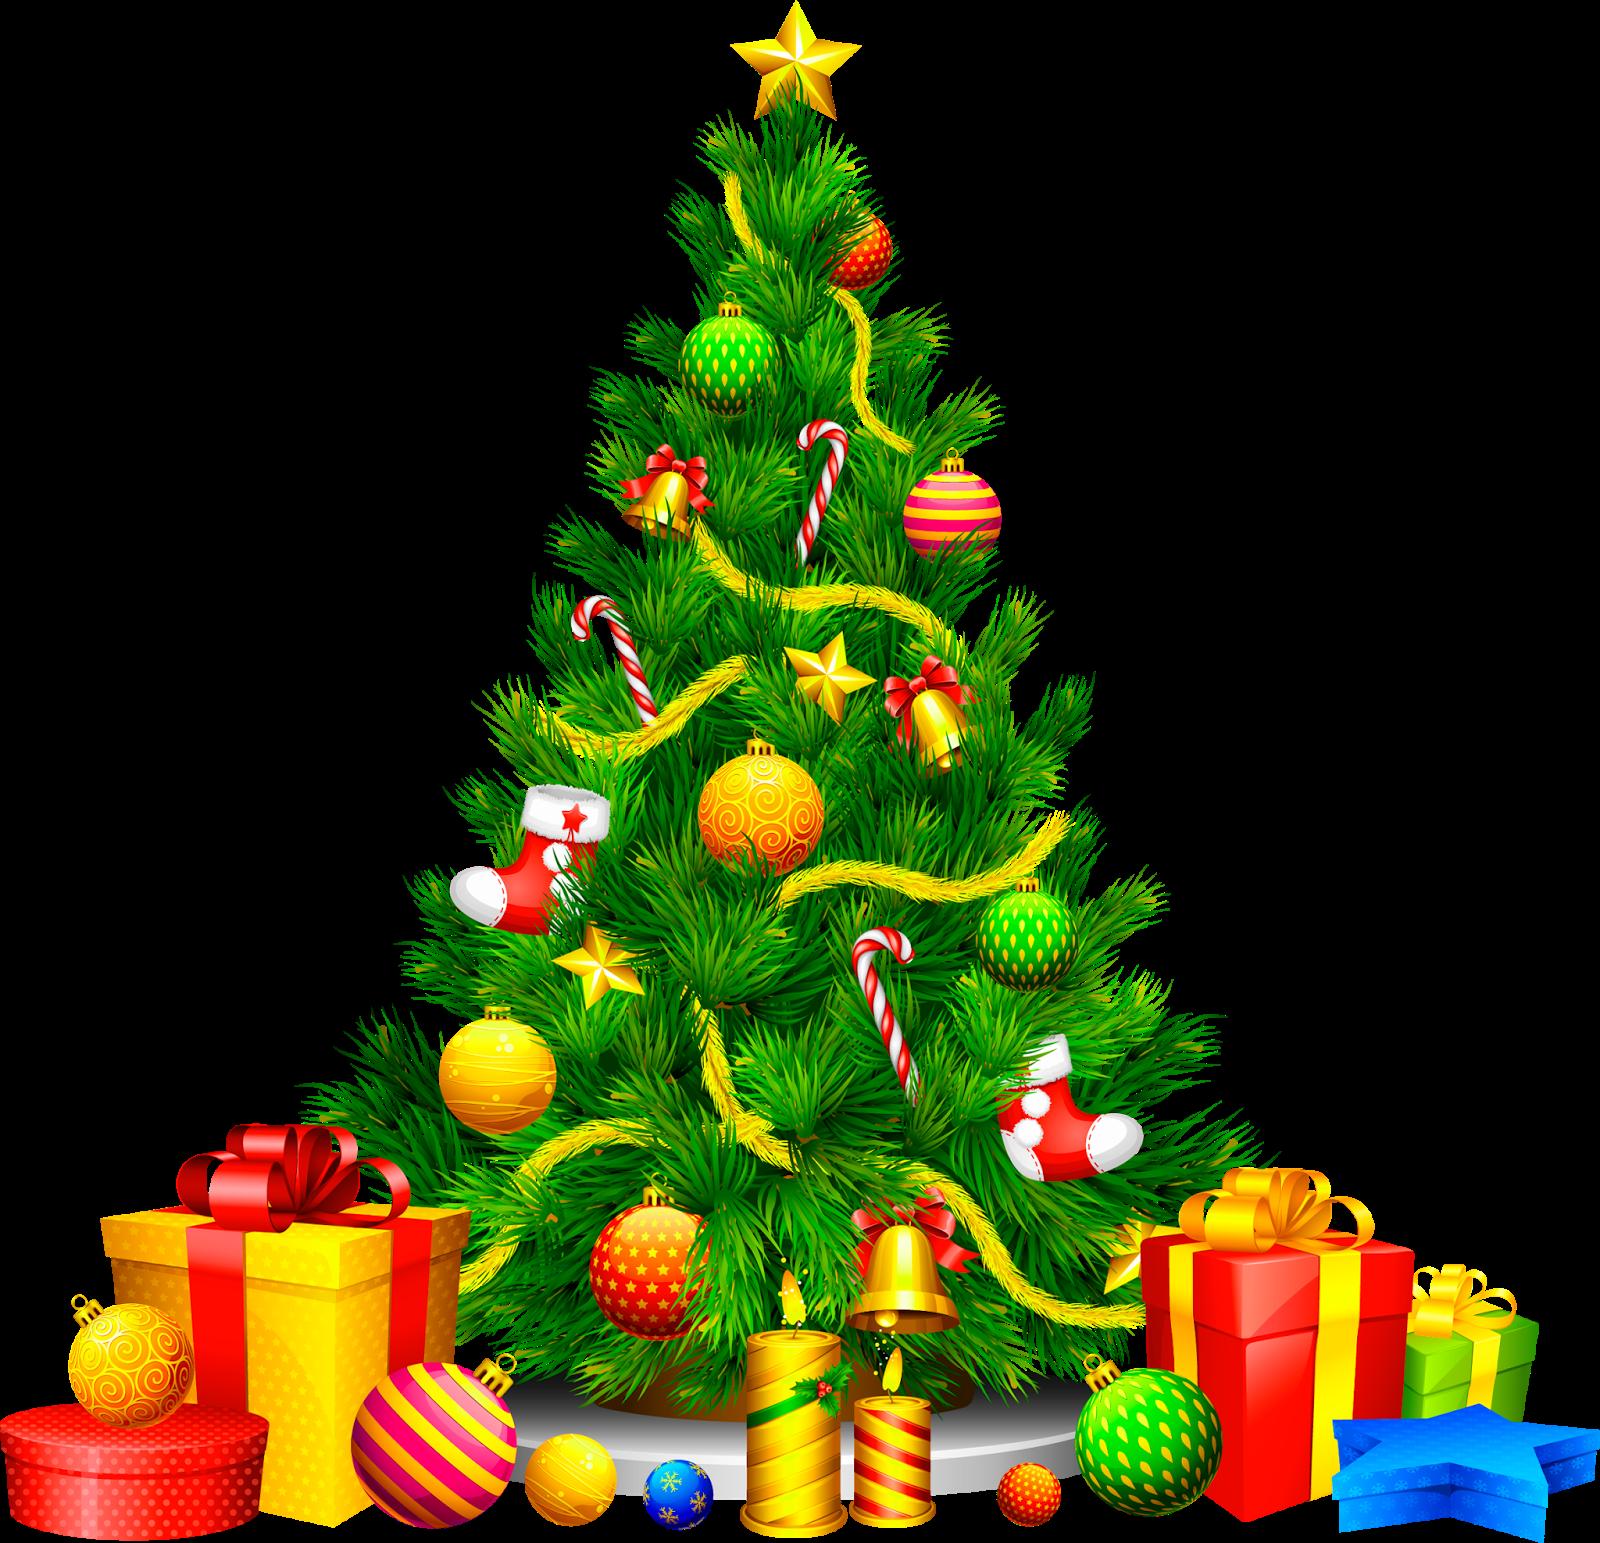 de nuria d publicado en arboles de navidad gifs de arboles de navidad